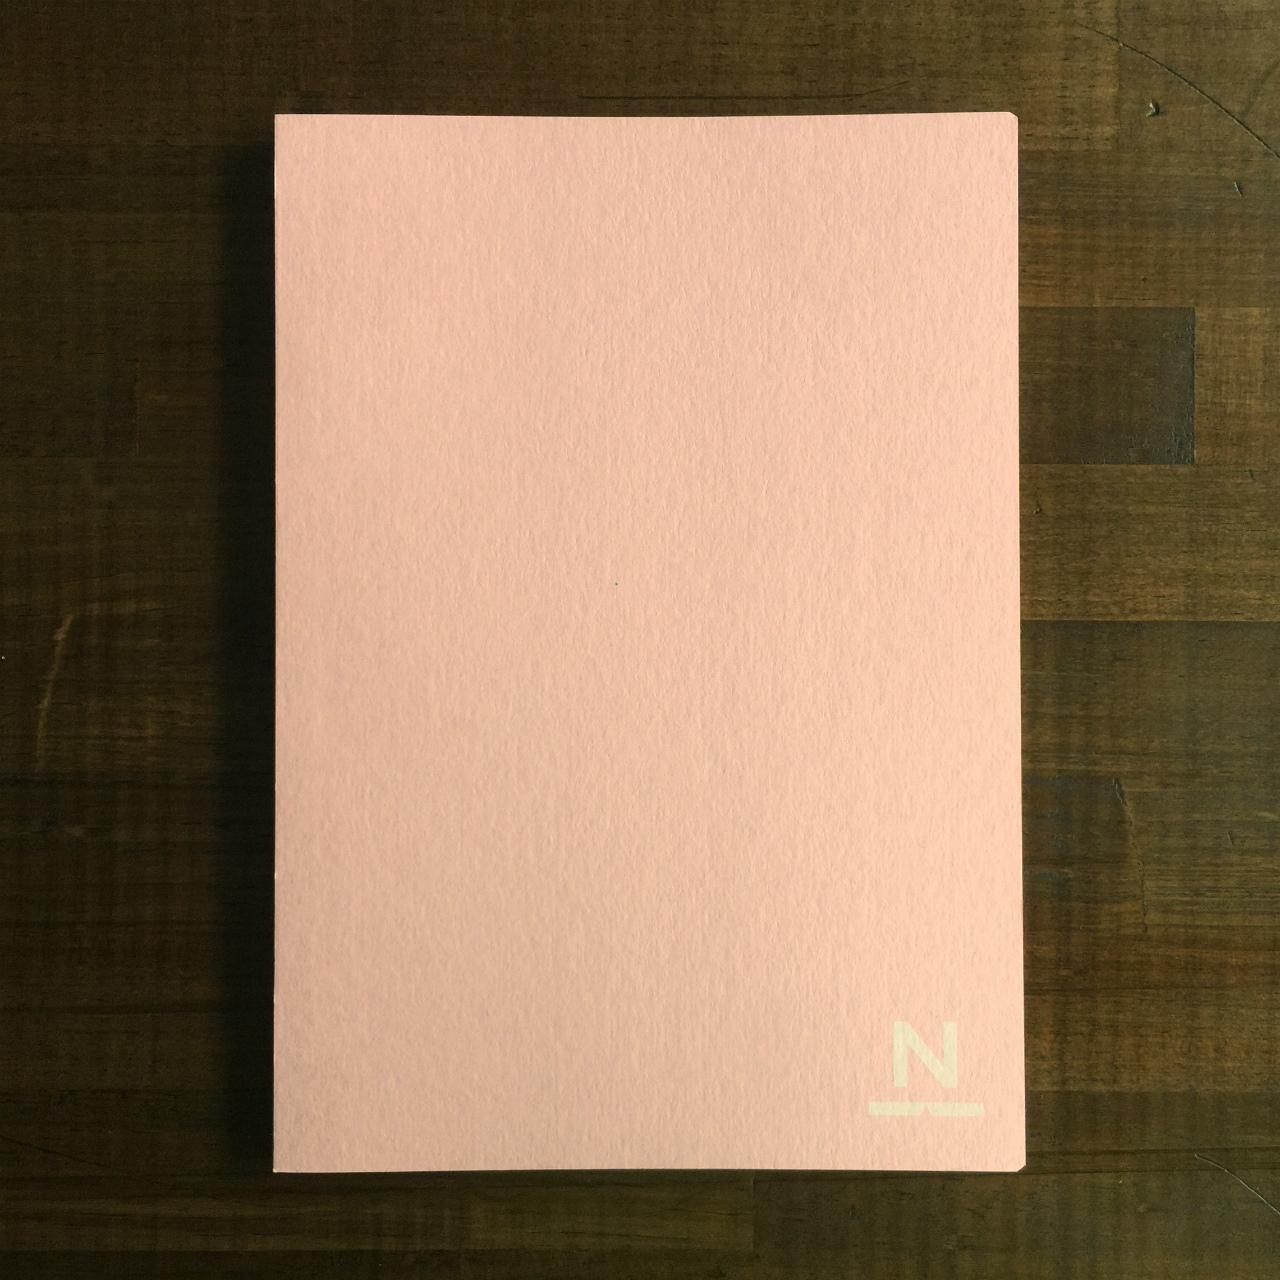 ノンブルノート「N」(05)キャンディピンク×チョコレート(※2020マンスリー付)